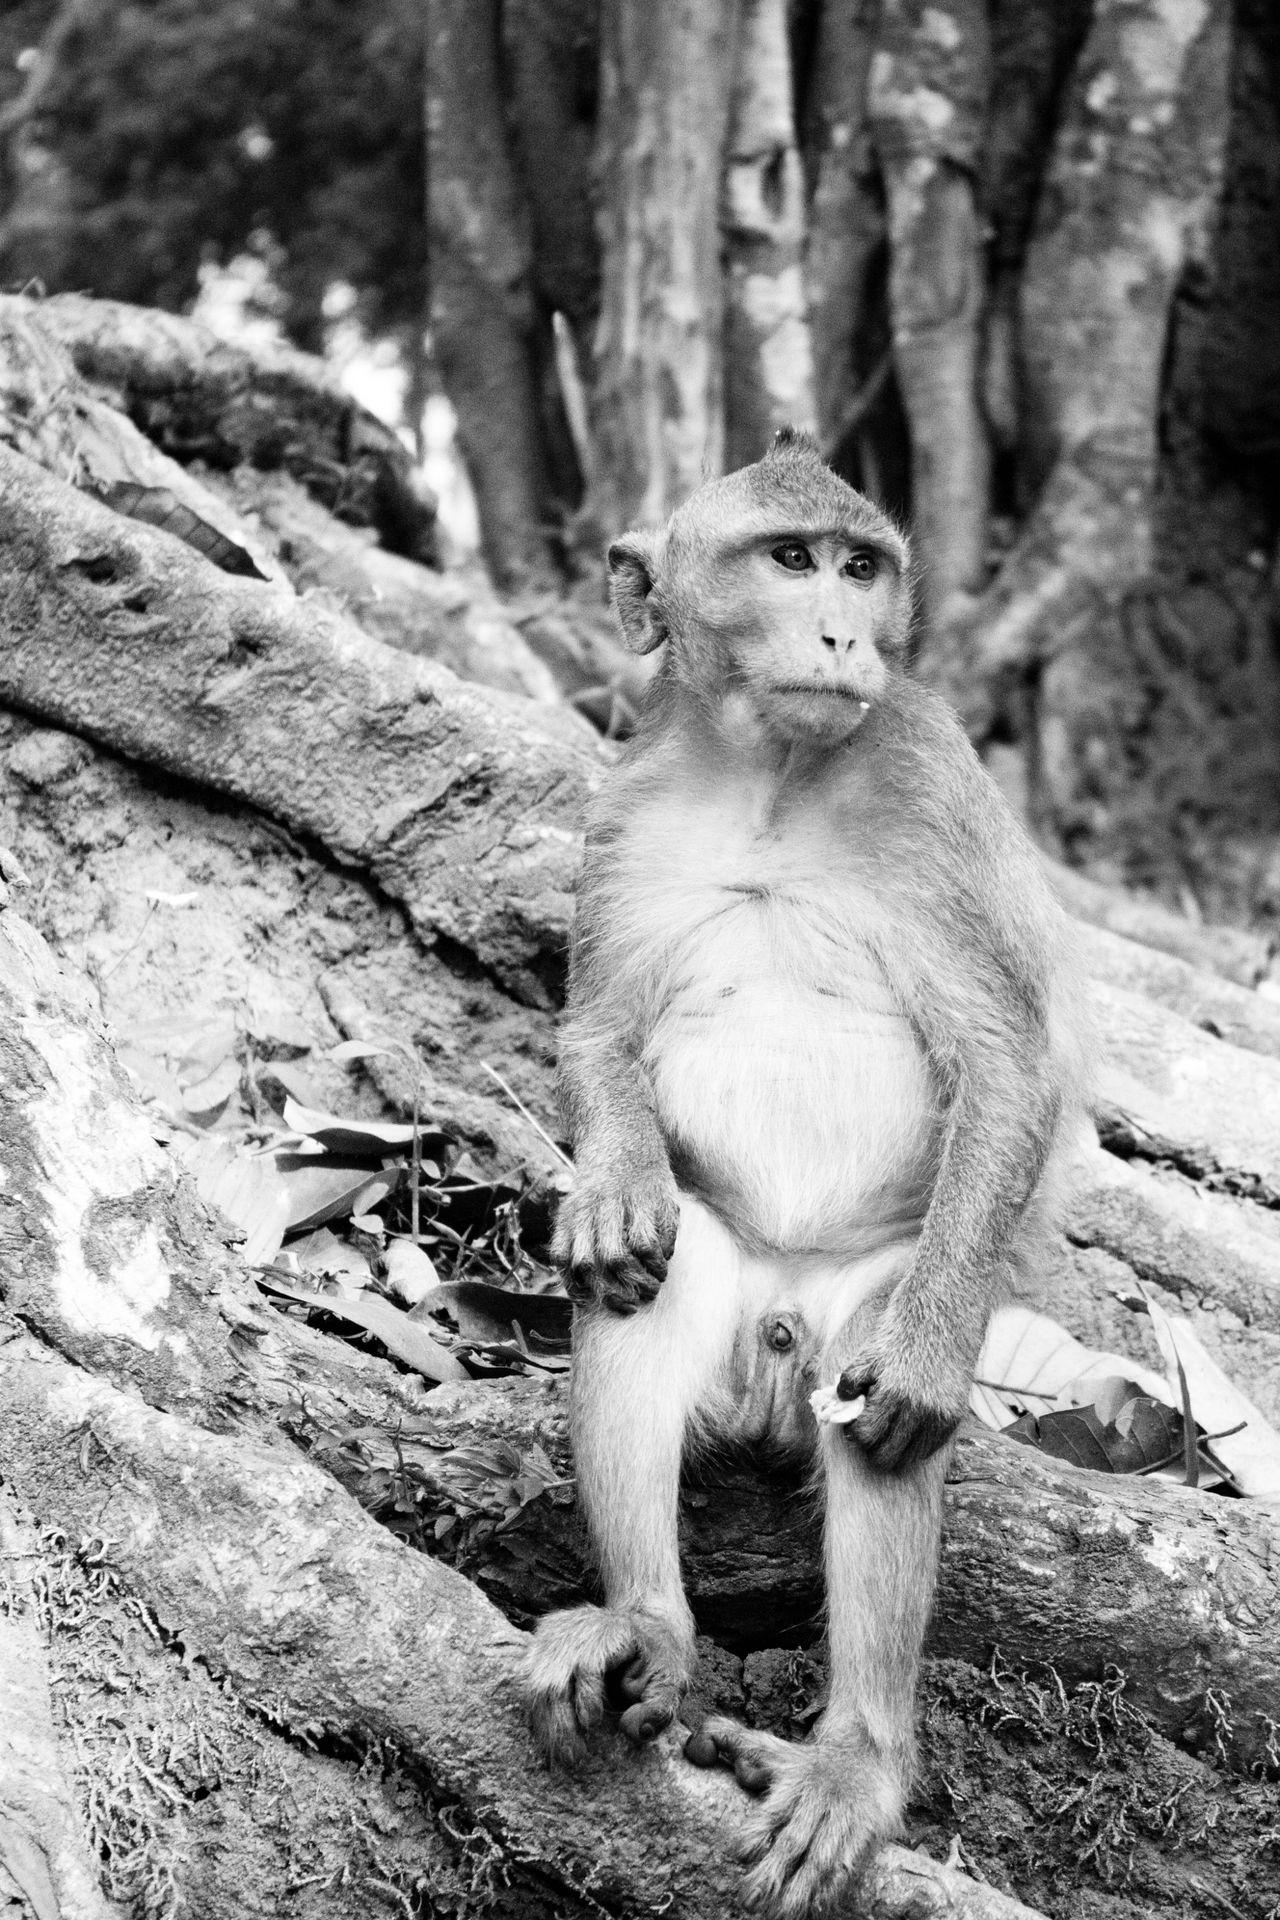 Monkey Little Monkey Wildlife Wildlife & Nature Blackandwhite Black And White Monkey Sitting Monkey Eating